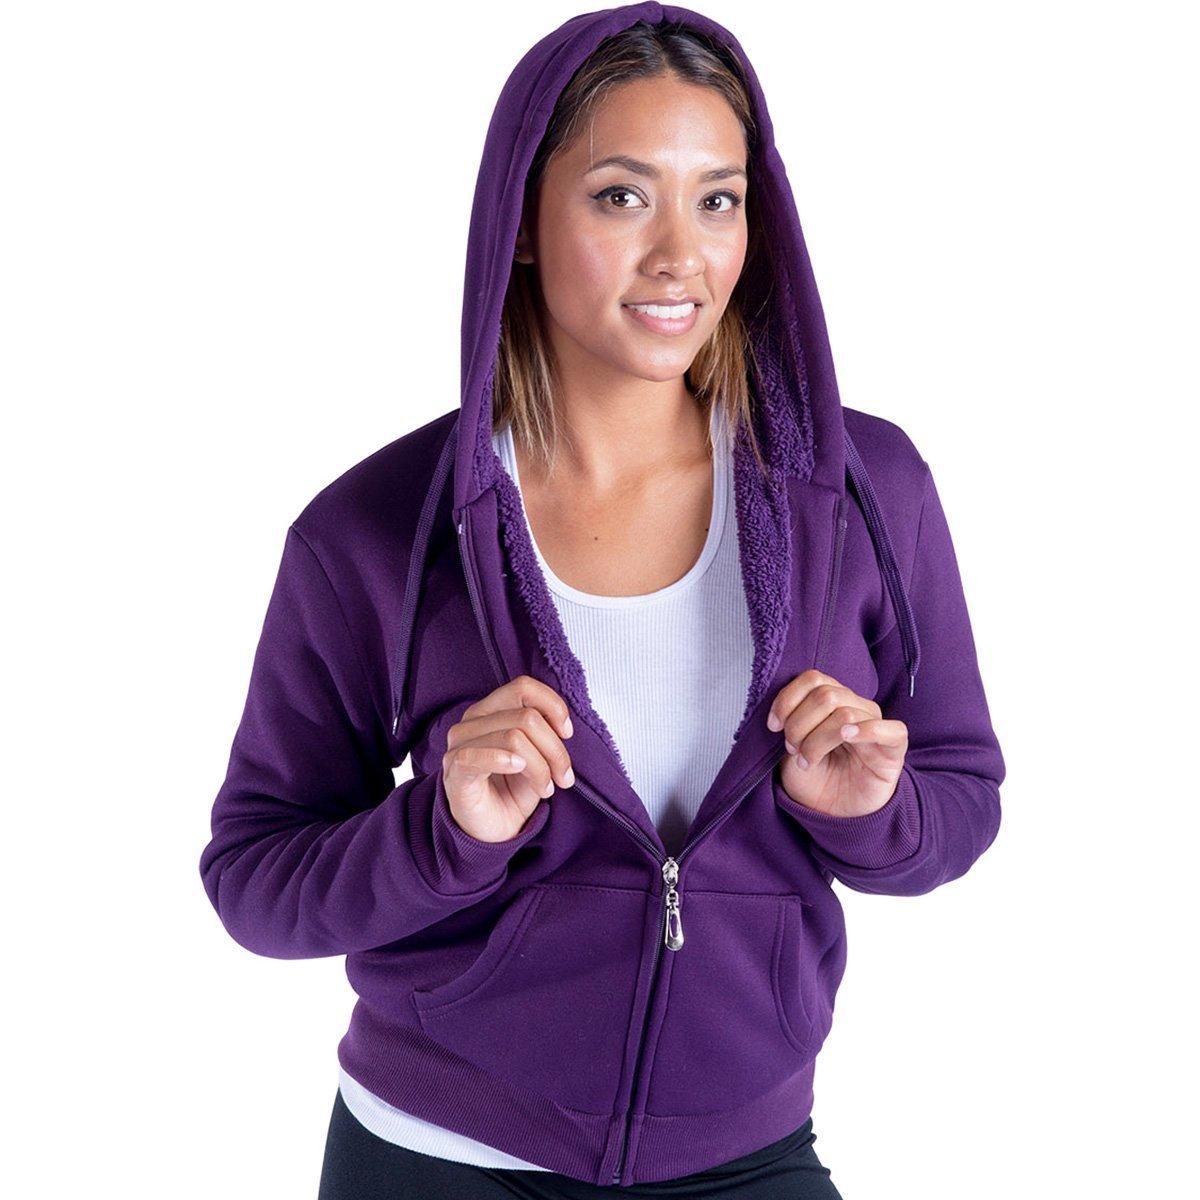 Leehanton Women's Plus Size Full Zip Soft Sherpa-Lined Fleece Hoodie Purple 1XL